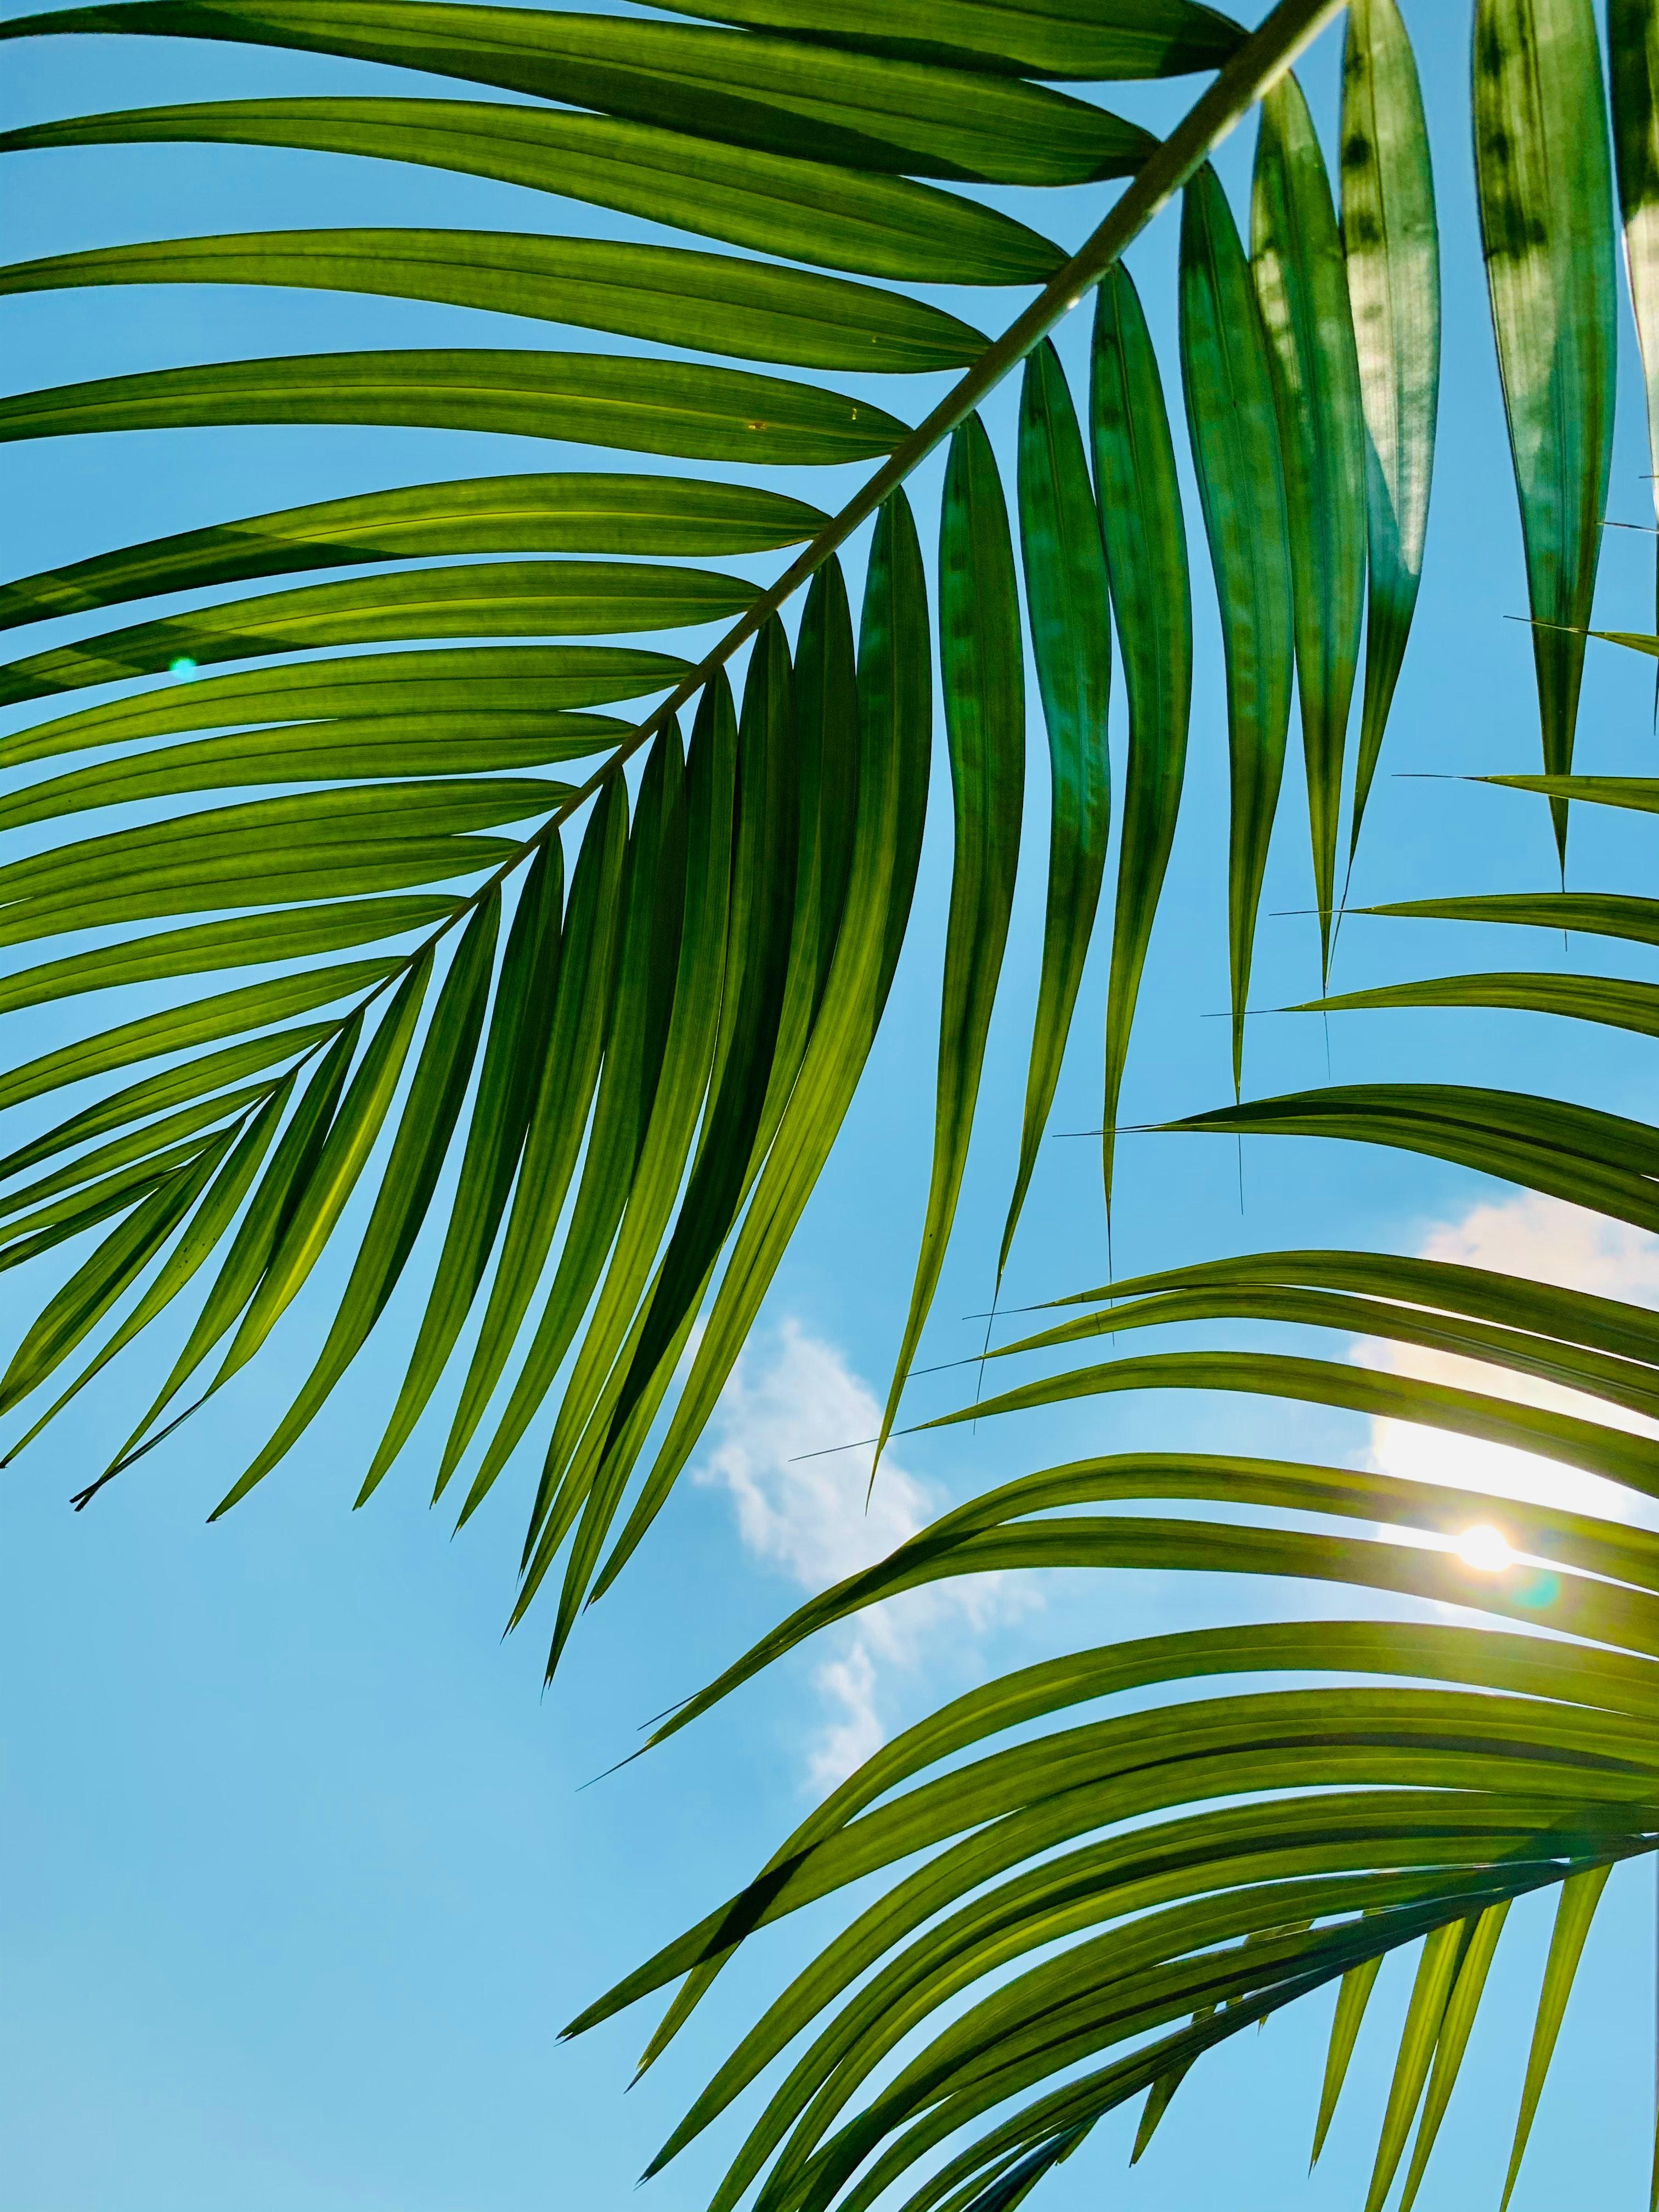 122059 скачать обои Природа, Пальма, Листья, Небо, Облака - заставки и картинки бесплатно